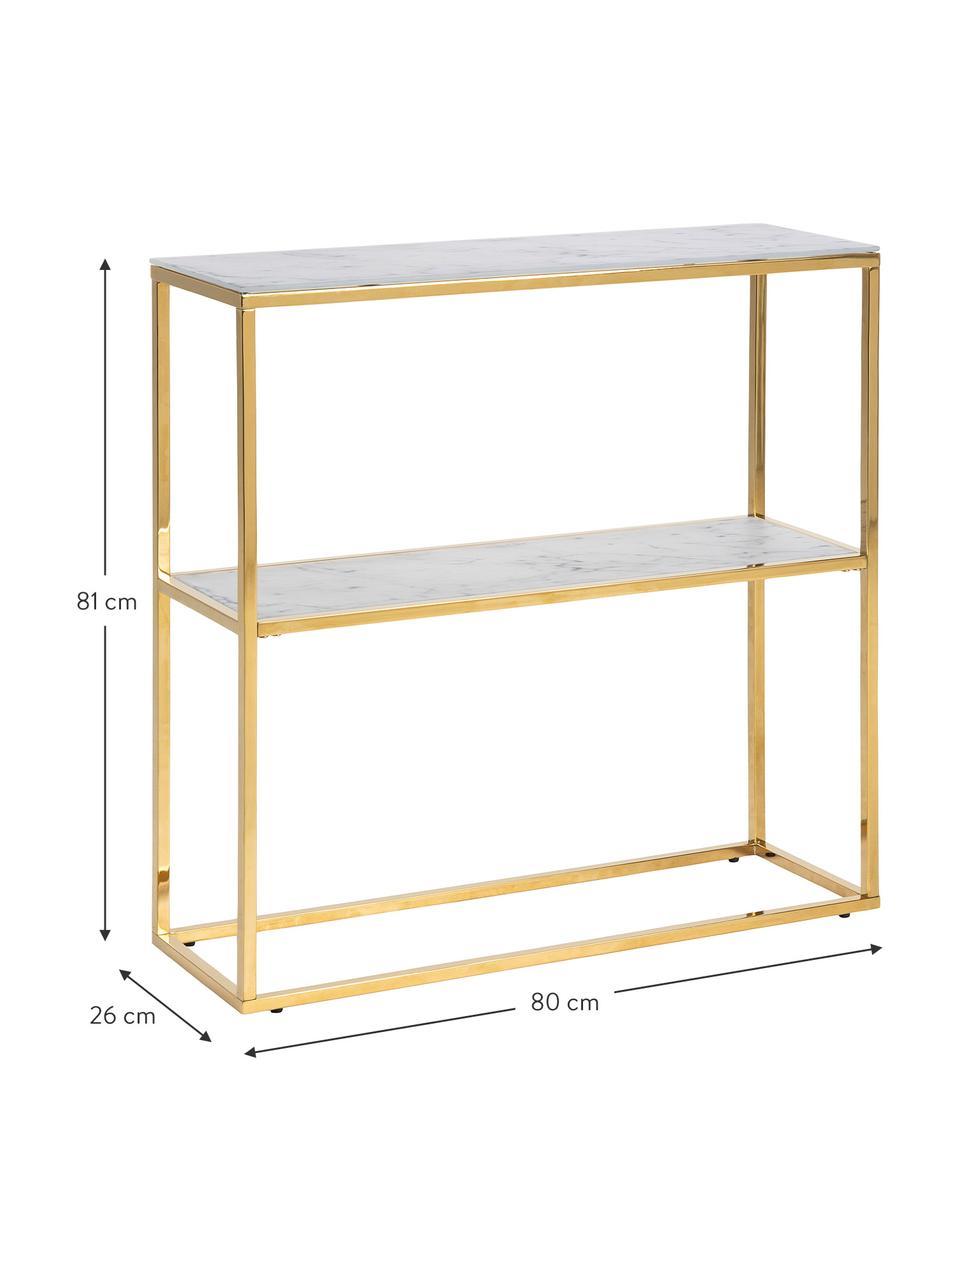 Consolle in metallo effetto marmo Aruba, Piano d'appoggio: vetro, Struttura: metallo sventato, Bianco, dorato, Larg. 80 x Alt. 81 cm